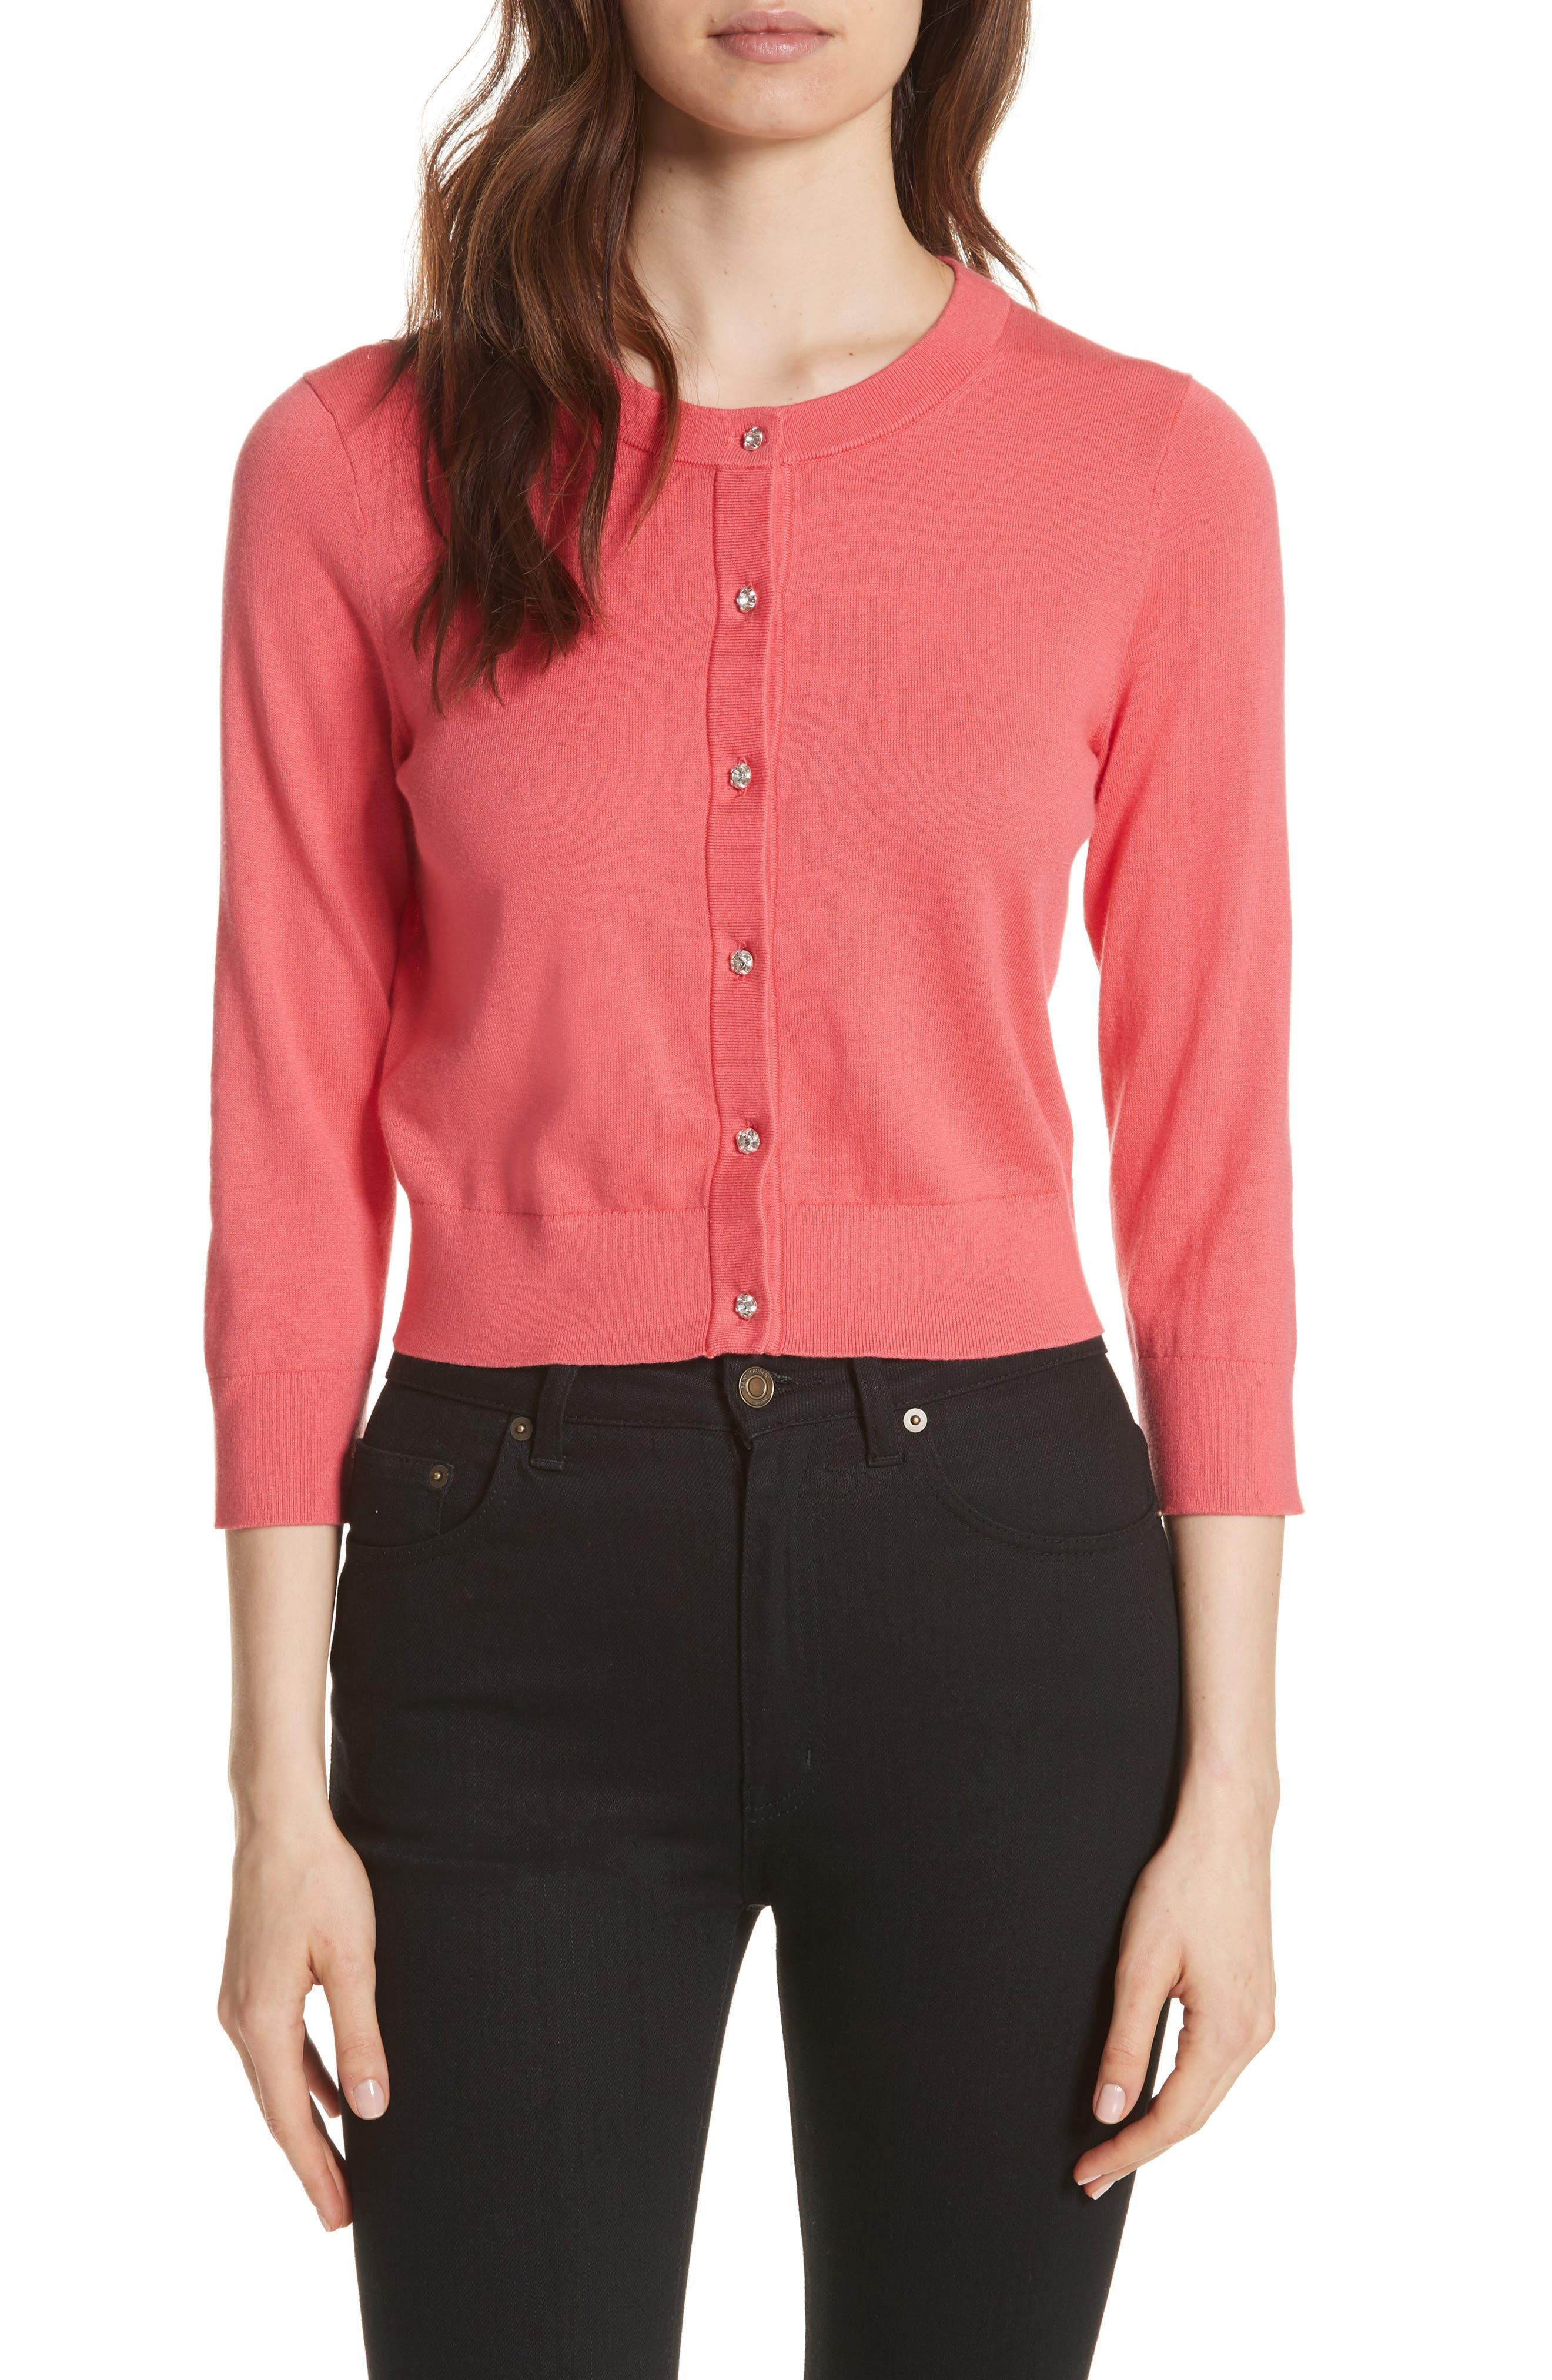 jewel button crop cardigan,                         Main,                         color, Peach Sherbet